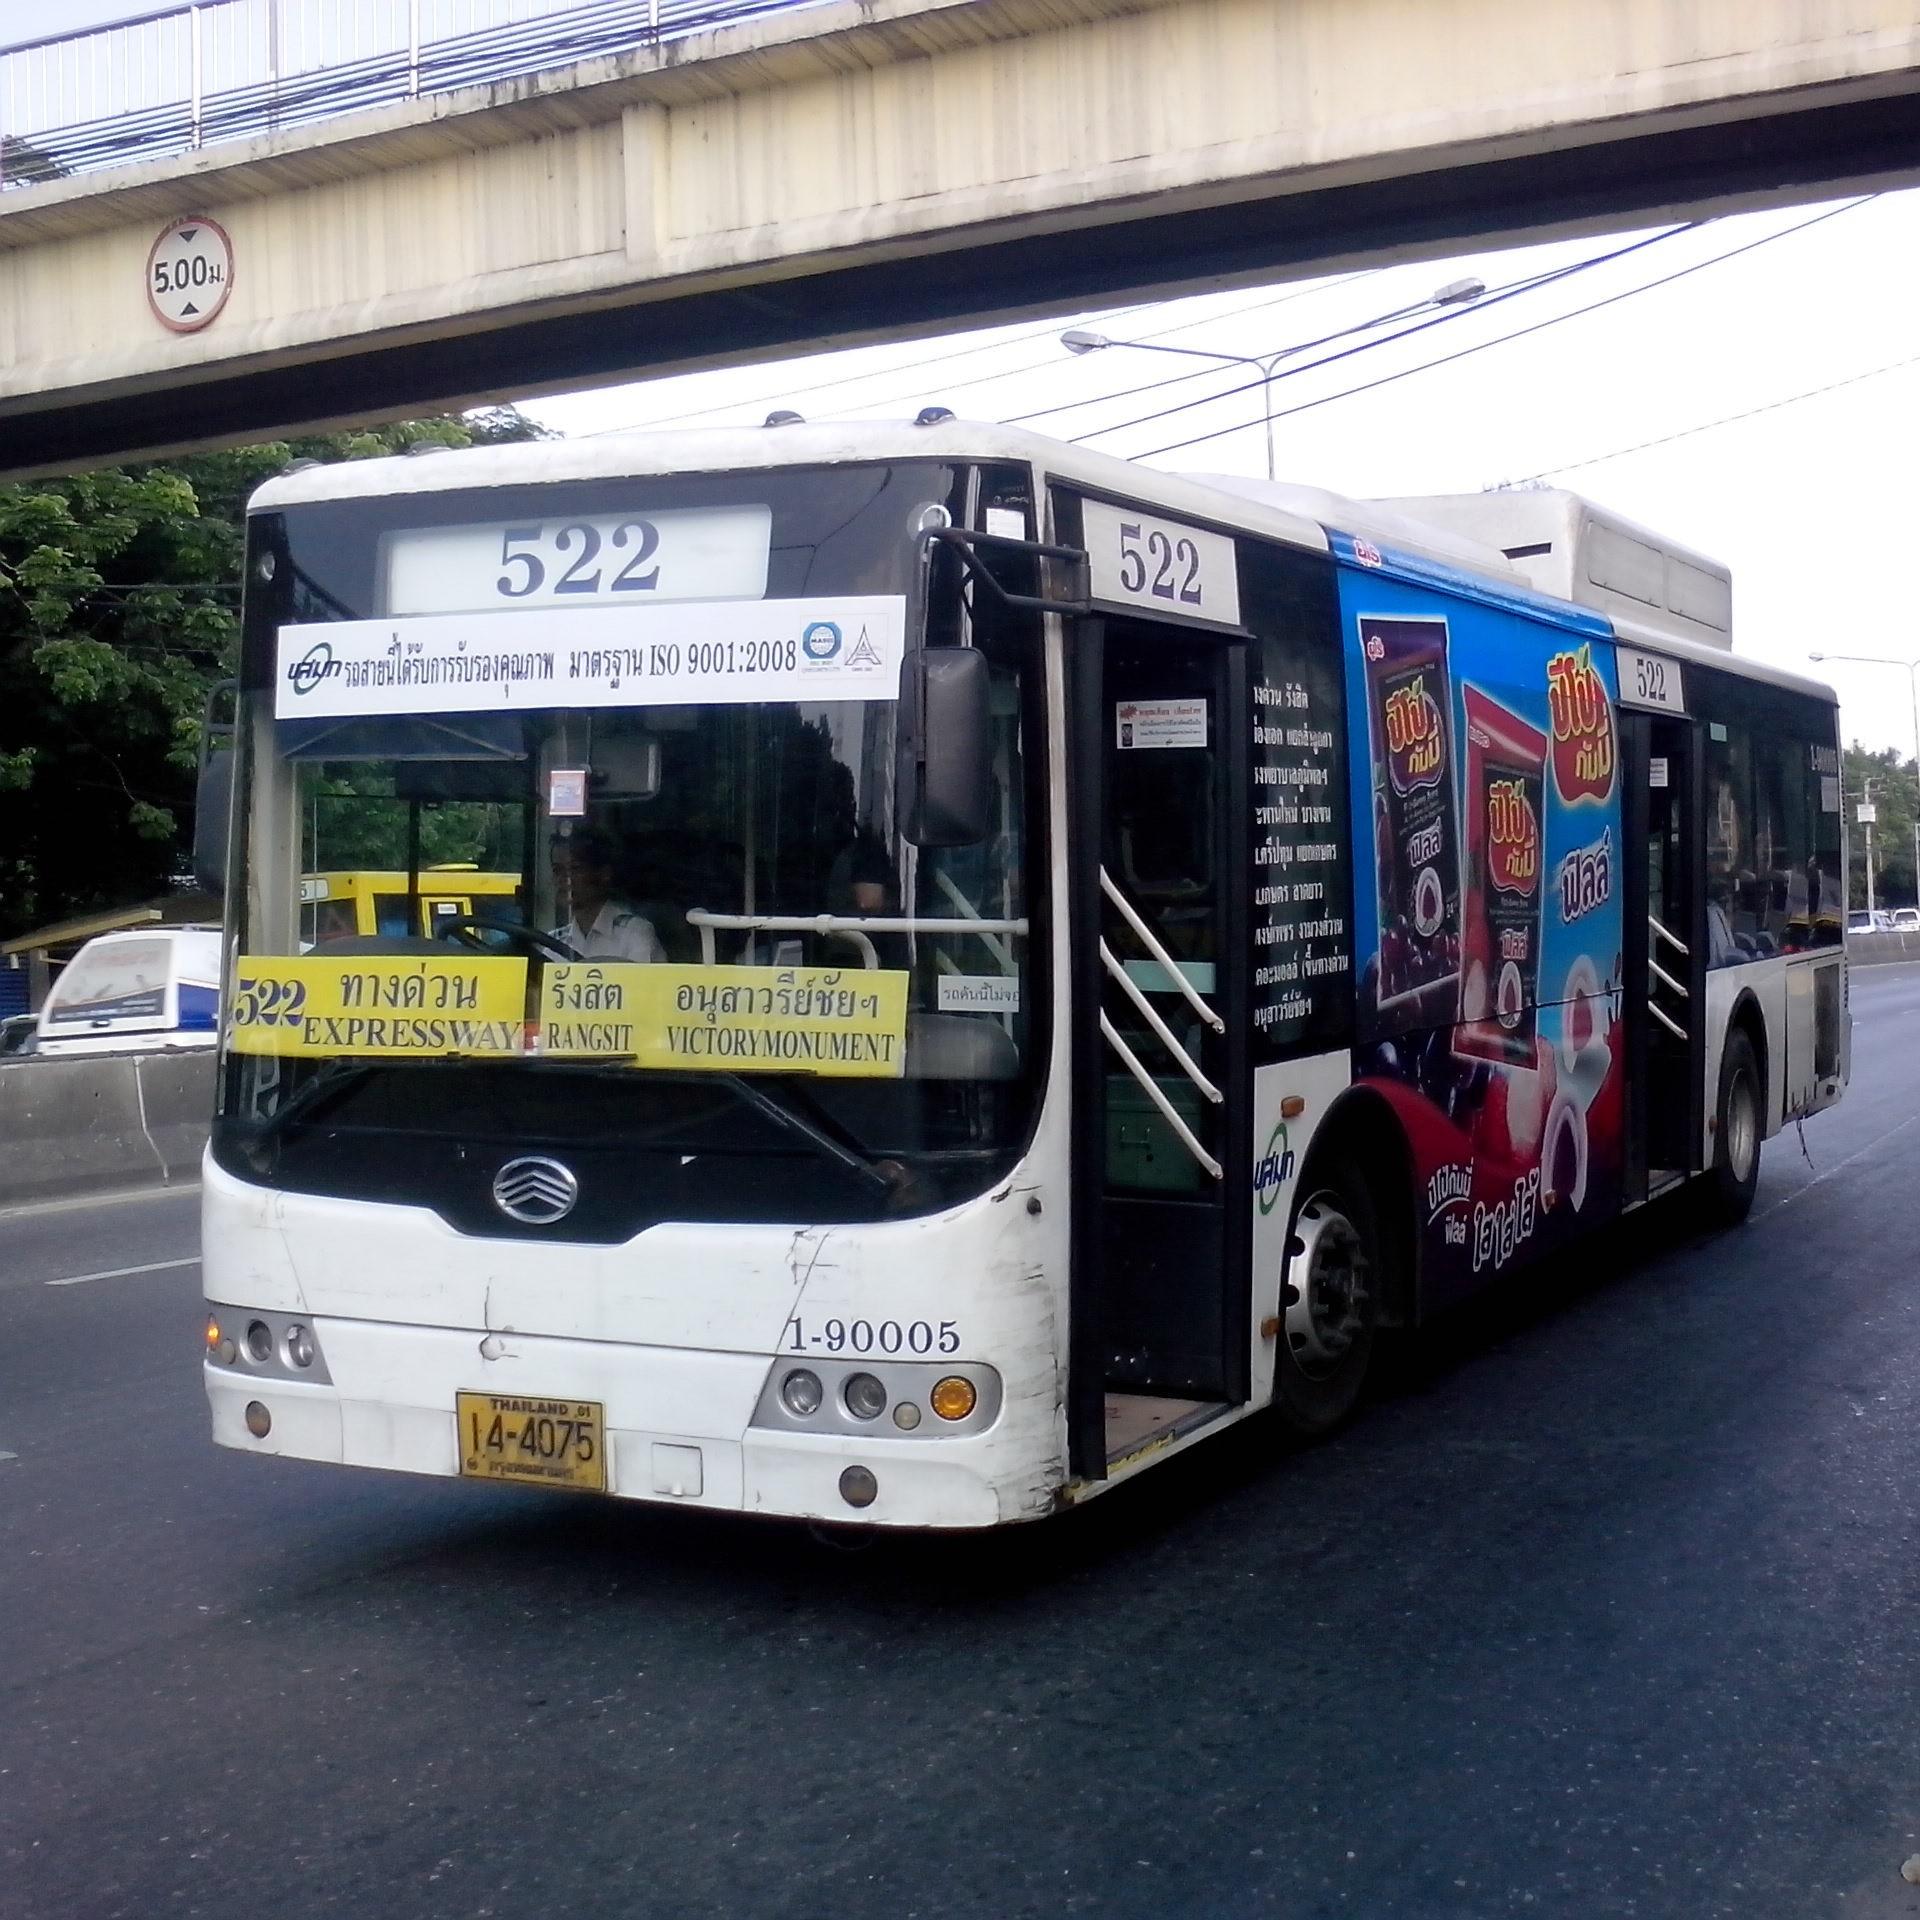 File:Sunlong Bus no.522.jpg